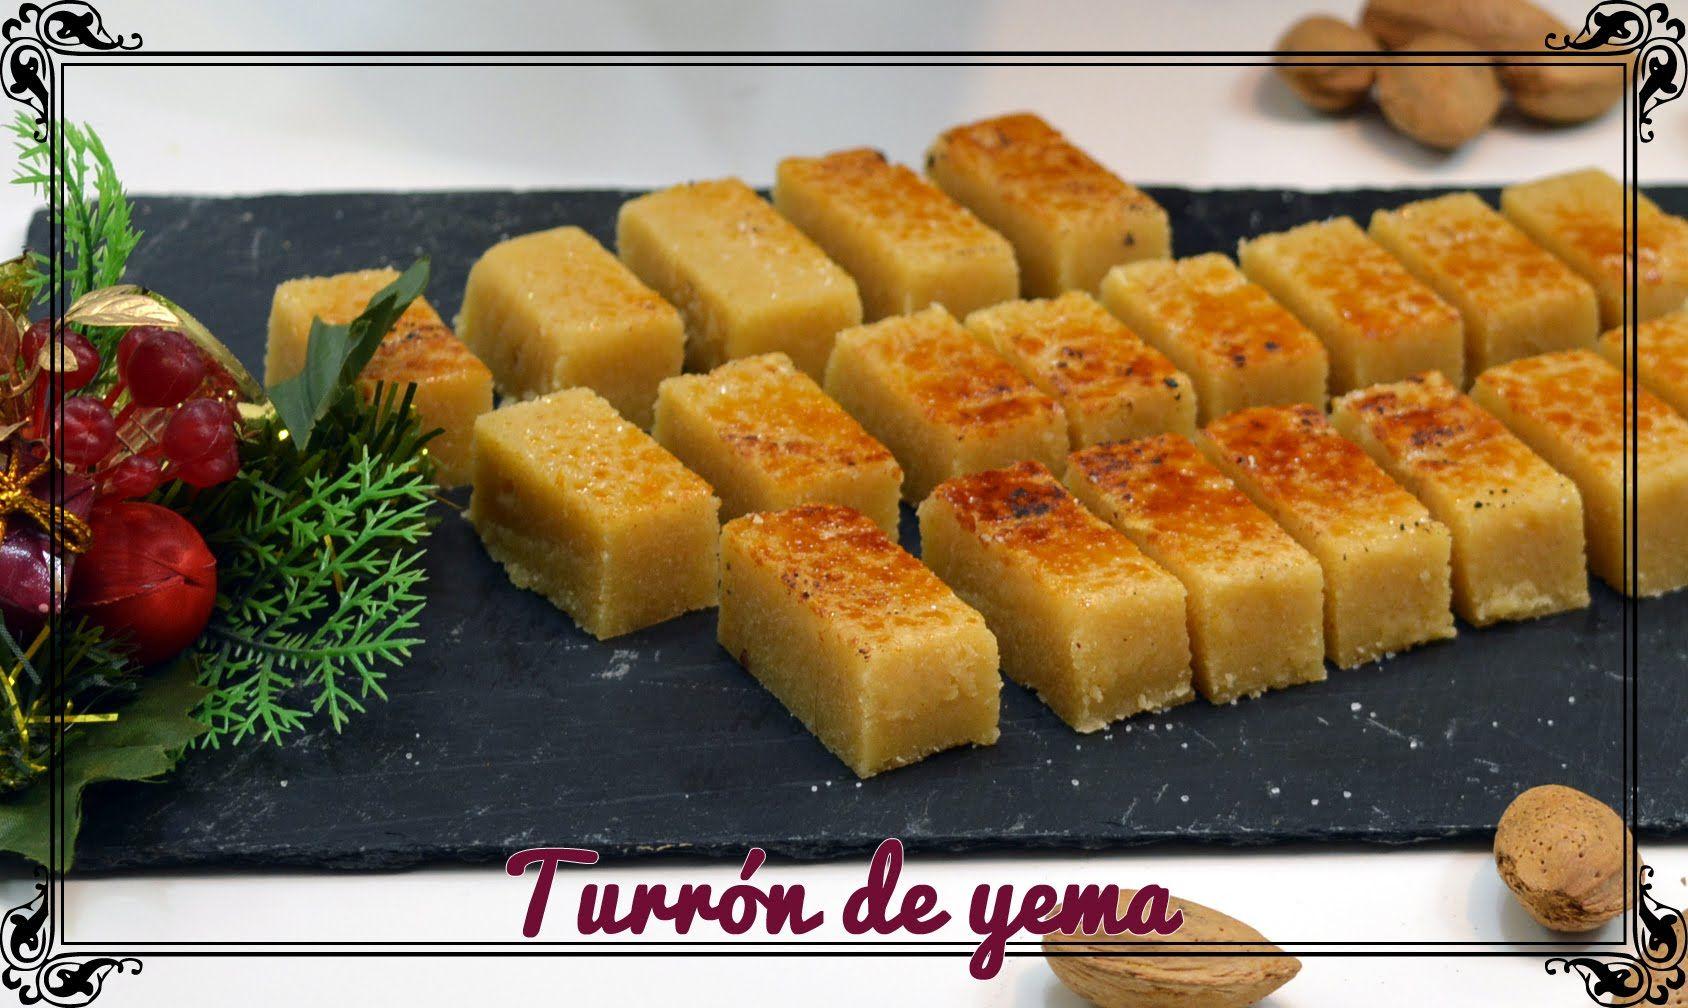 Turrón De Yema Javier Romero Cap 76 Temporada 1 Turron De Yema Comida étnica Turron